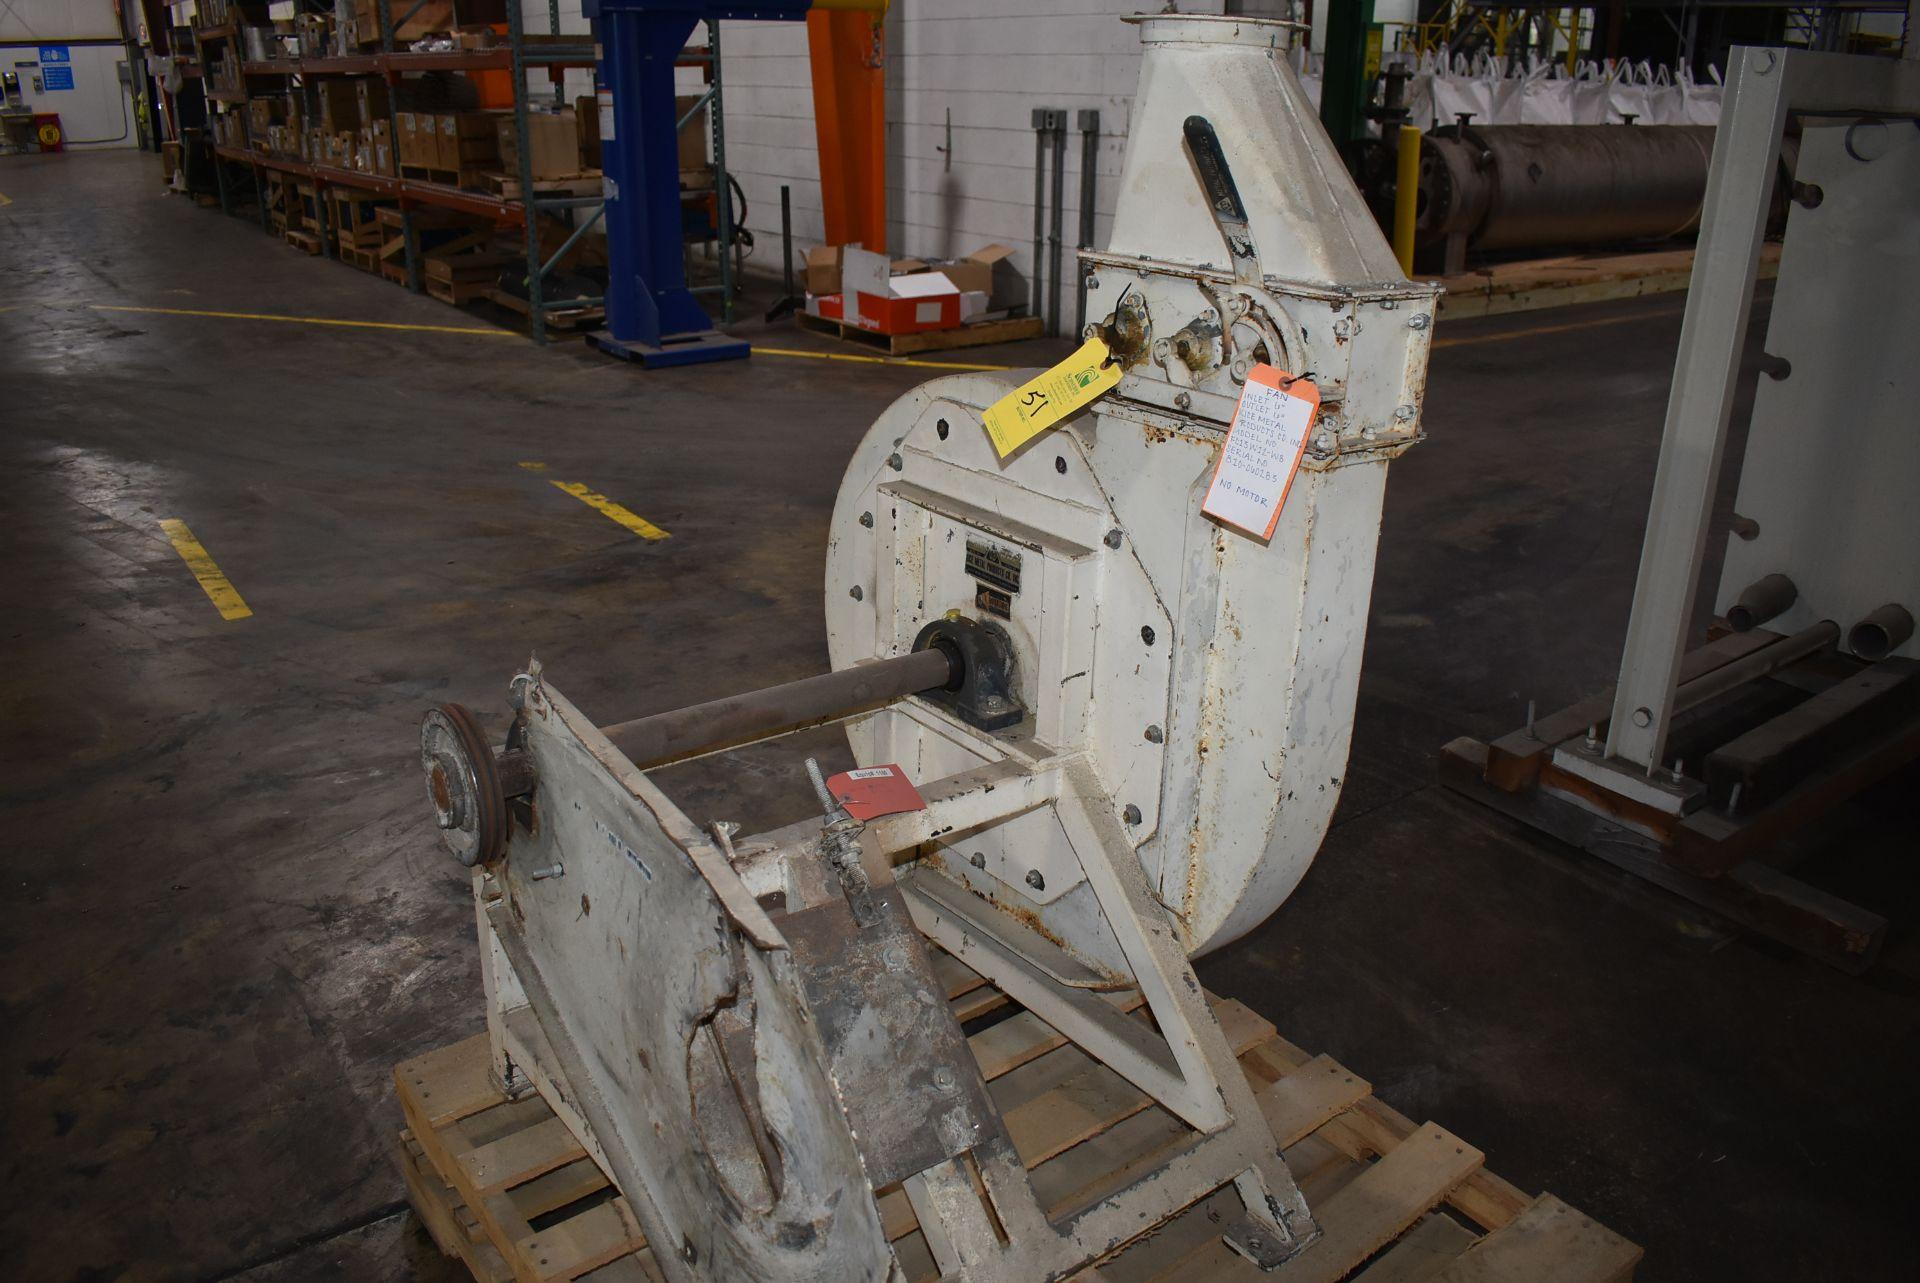 Kice Model #FC13W12-W8 Fan, NOTE - No Motor - Image 2 of 2